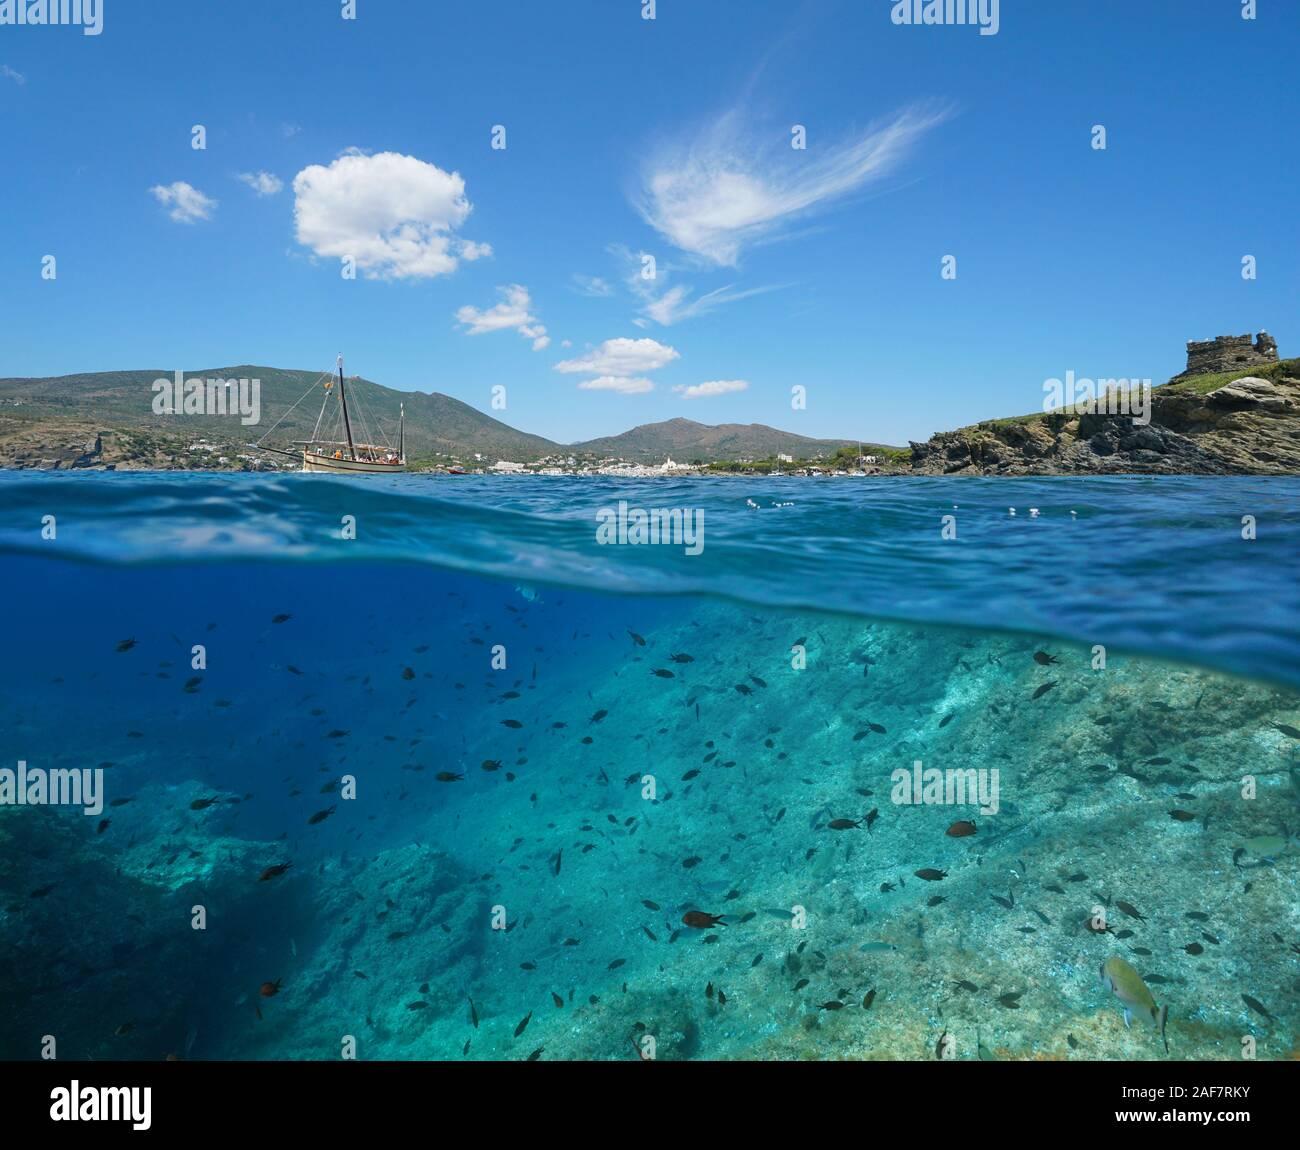 España, Mediterráneo seascape cerca de Cadaqués, costa con muchos peces en el mar, la Costa Brava, vista dividida por encima y por debajo de la superficie del agua, Cataluña Foto de stock